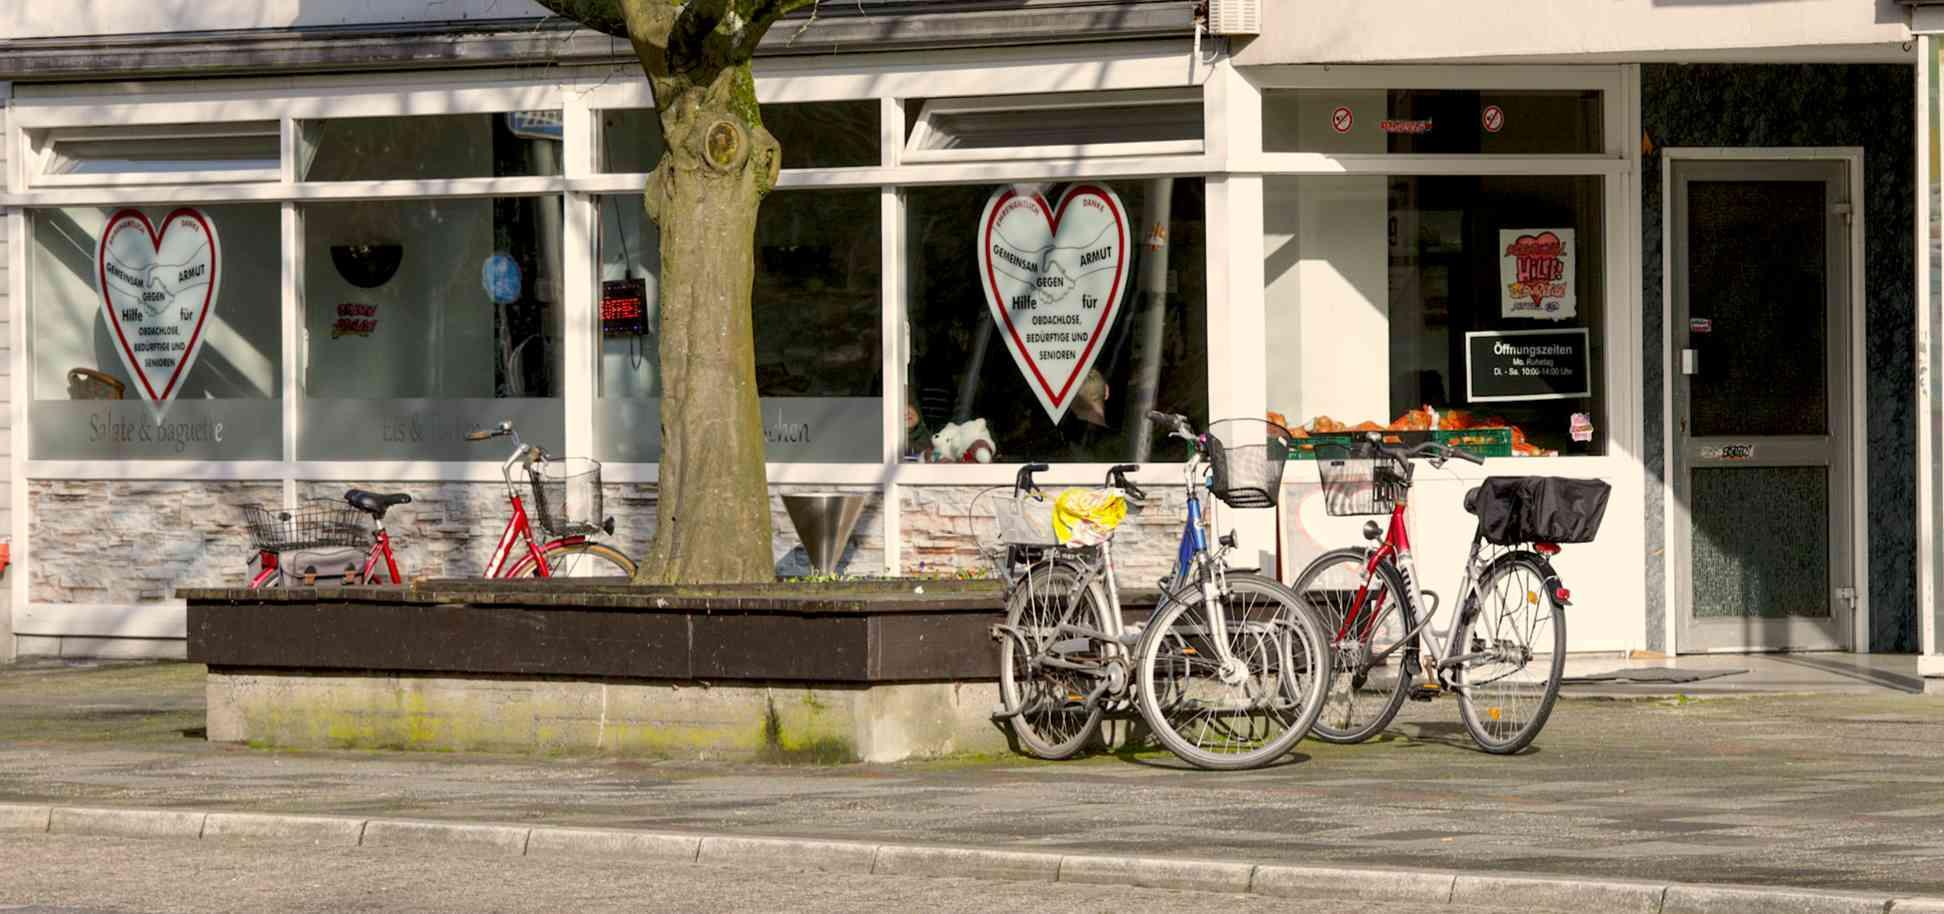 Obdachlosenhilfe Wilhelmshaven